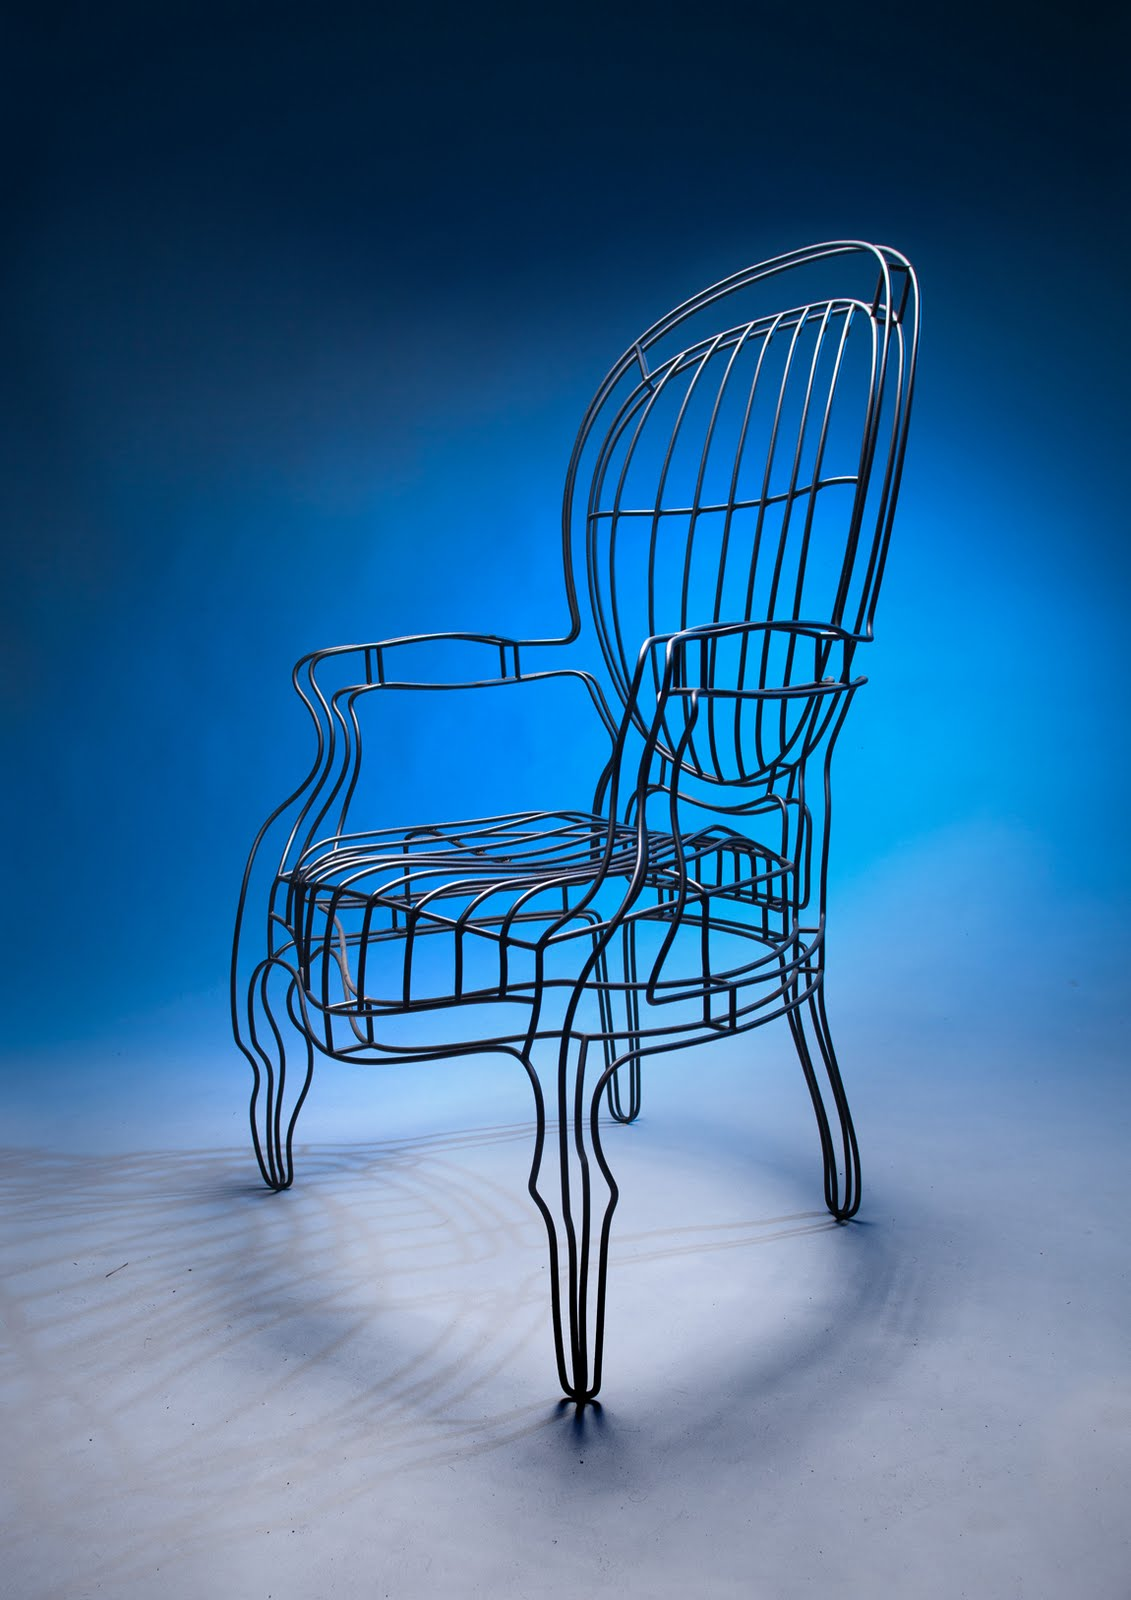 Wobble Chair Research Leg Sliders No End To Design Salone Internazionale Del Mobile 2011